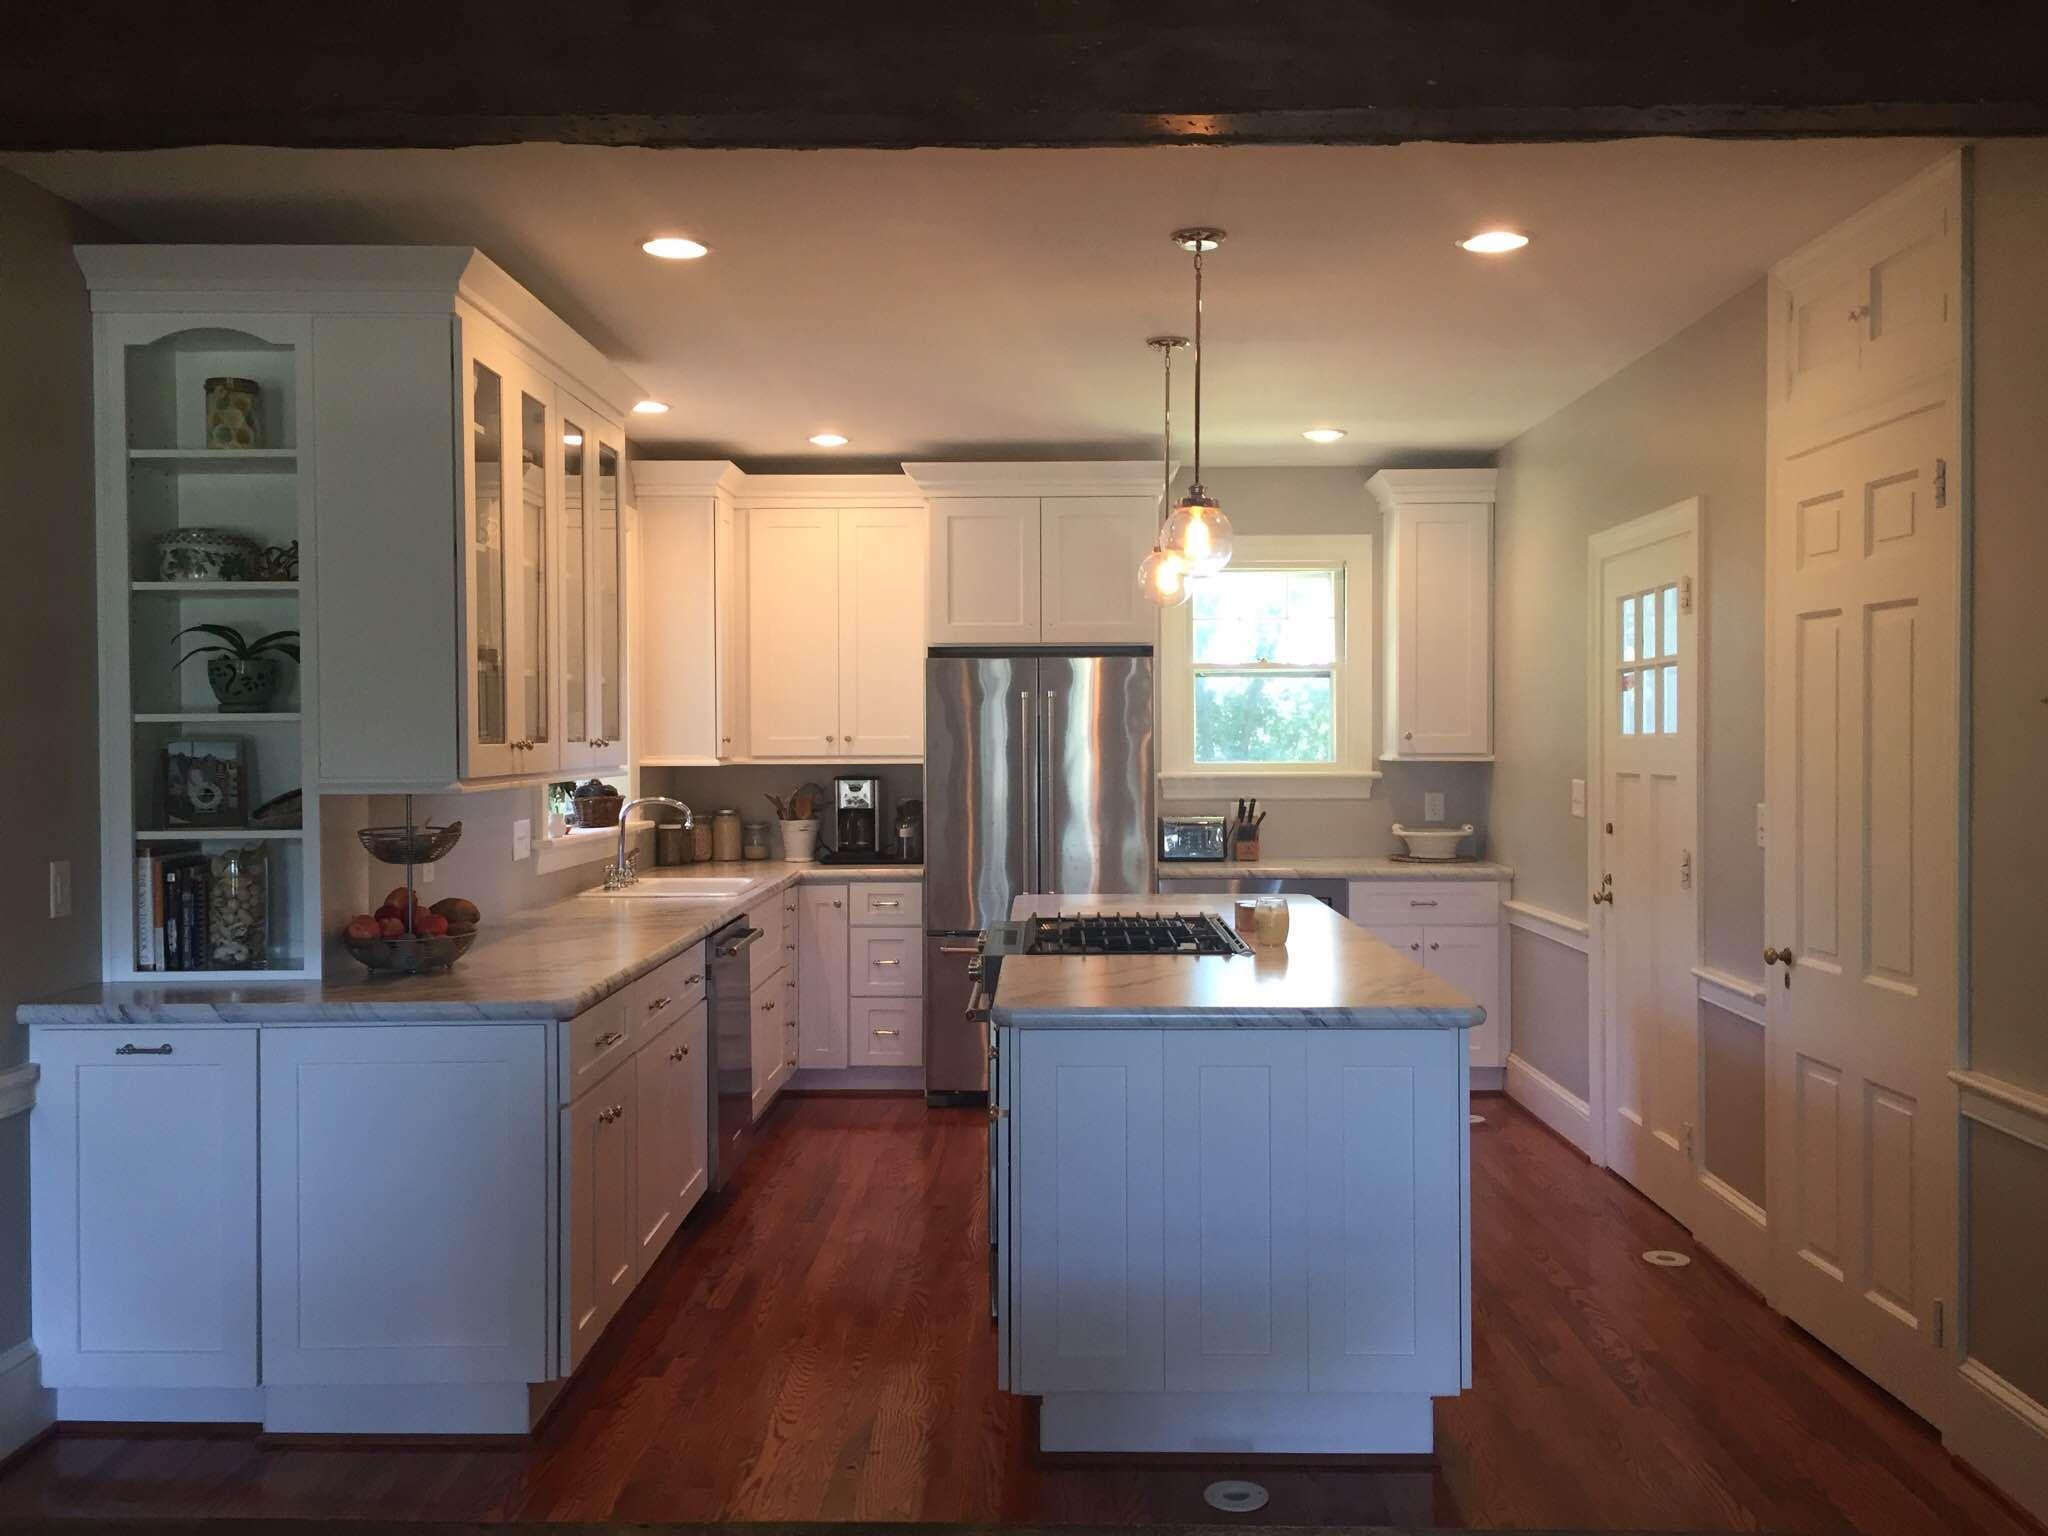 Contemporary White Shaker Kitchen white #kitchen cabinets #remodeledlily ann #cabinets white